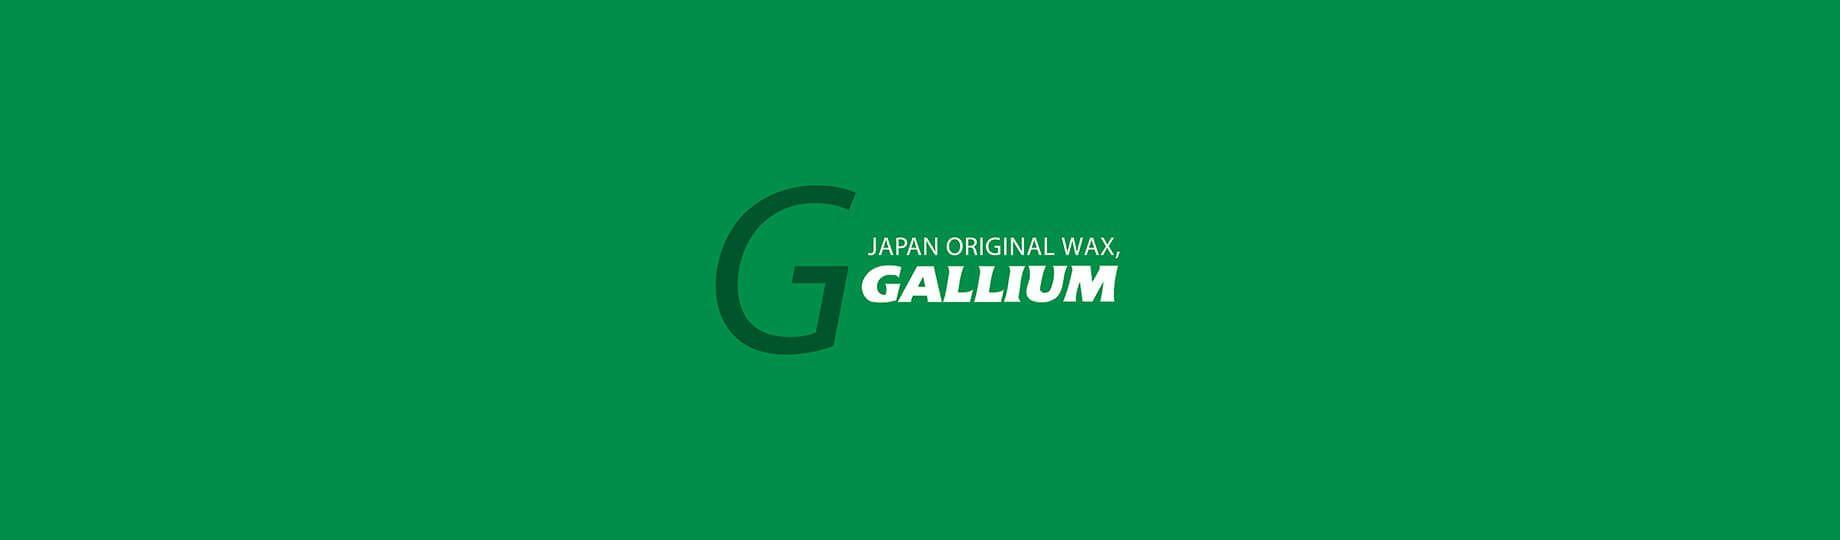 GALLIUMメイン画像